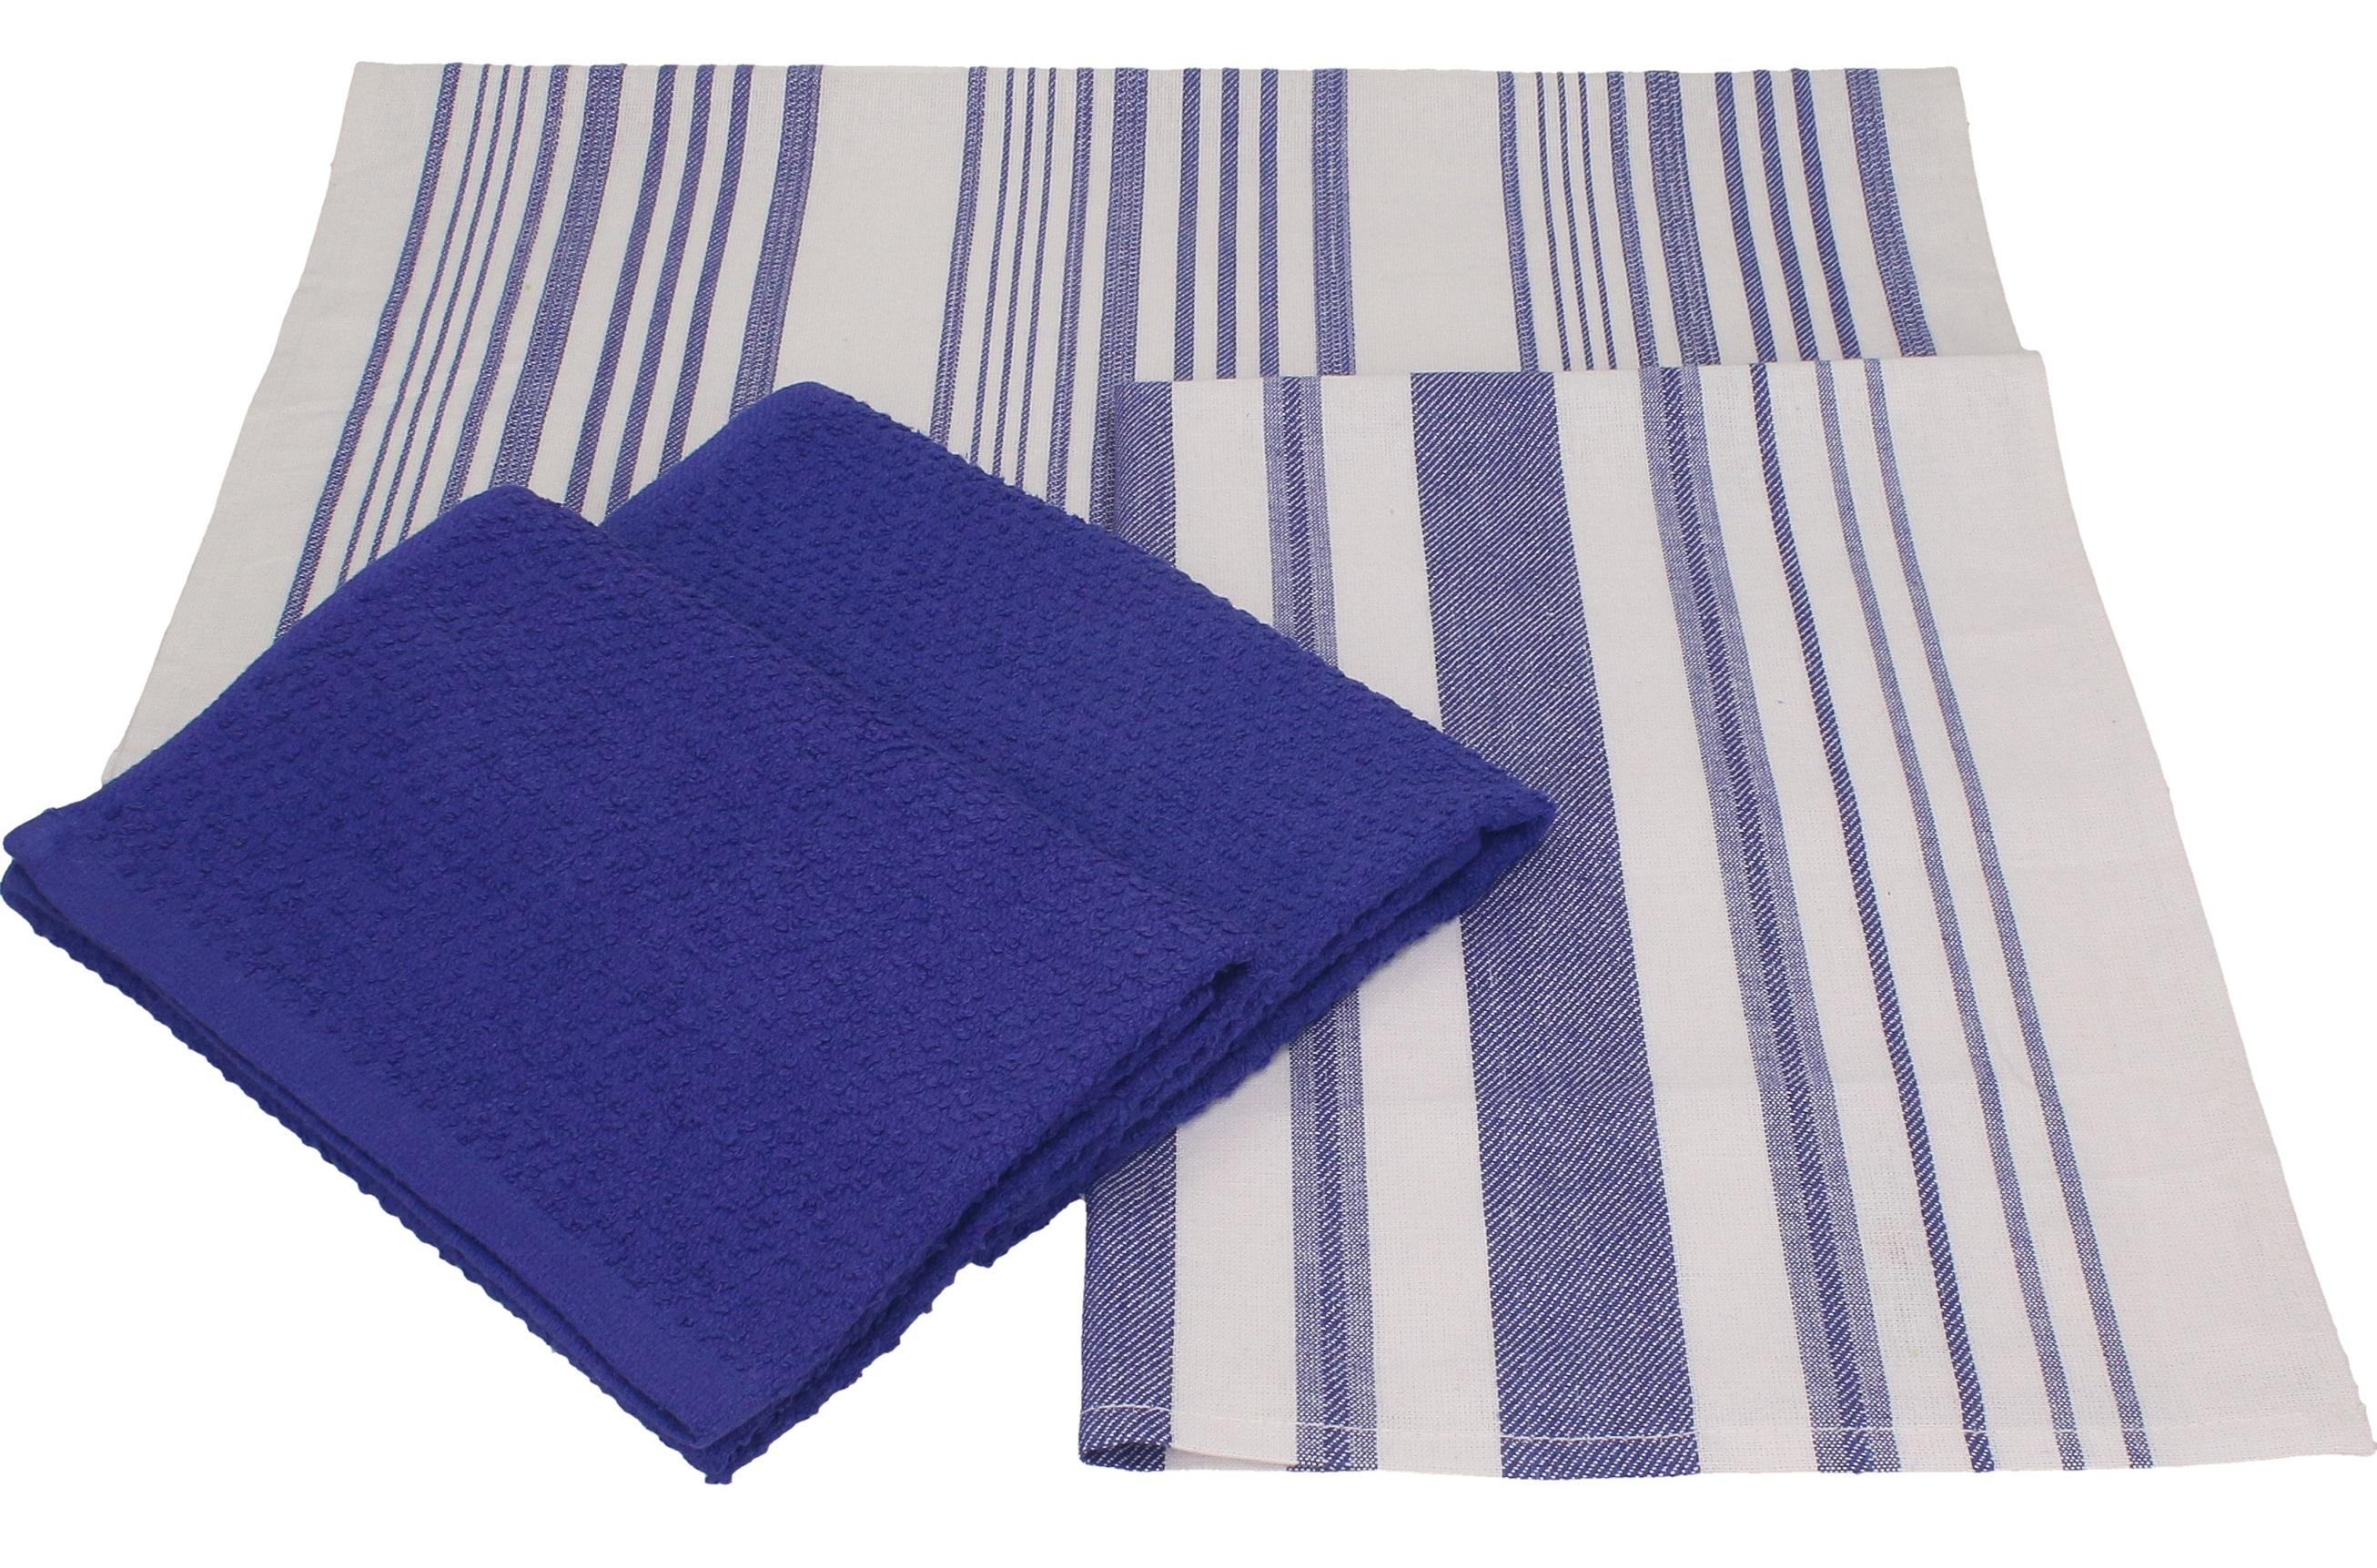 betz 4 pieces kitchen towel set denmark 100%cotton 2 kitchen towels